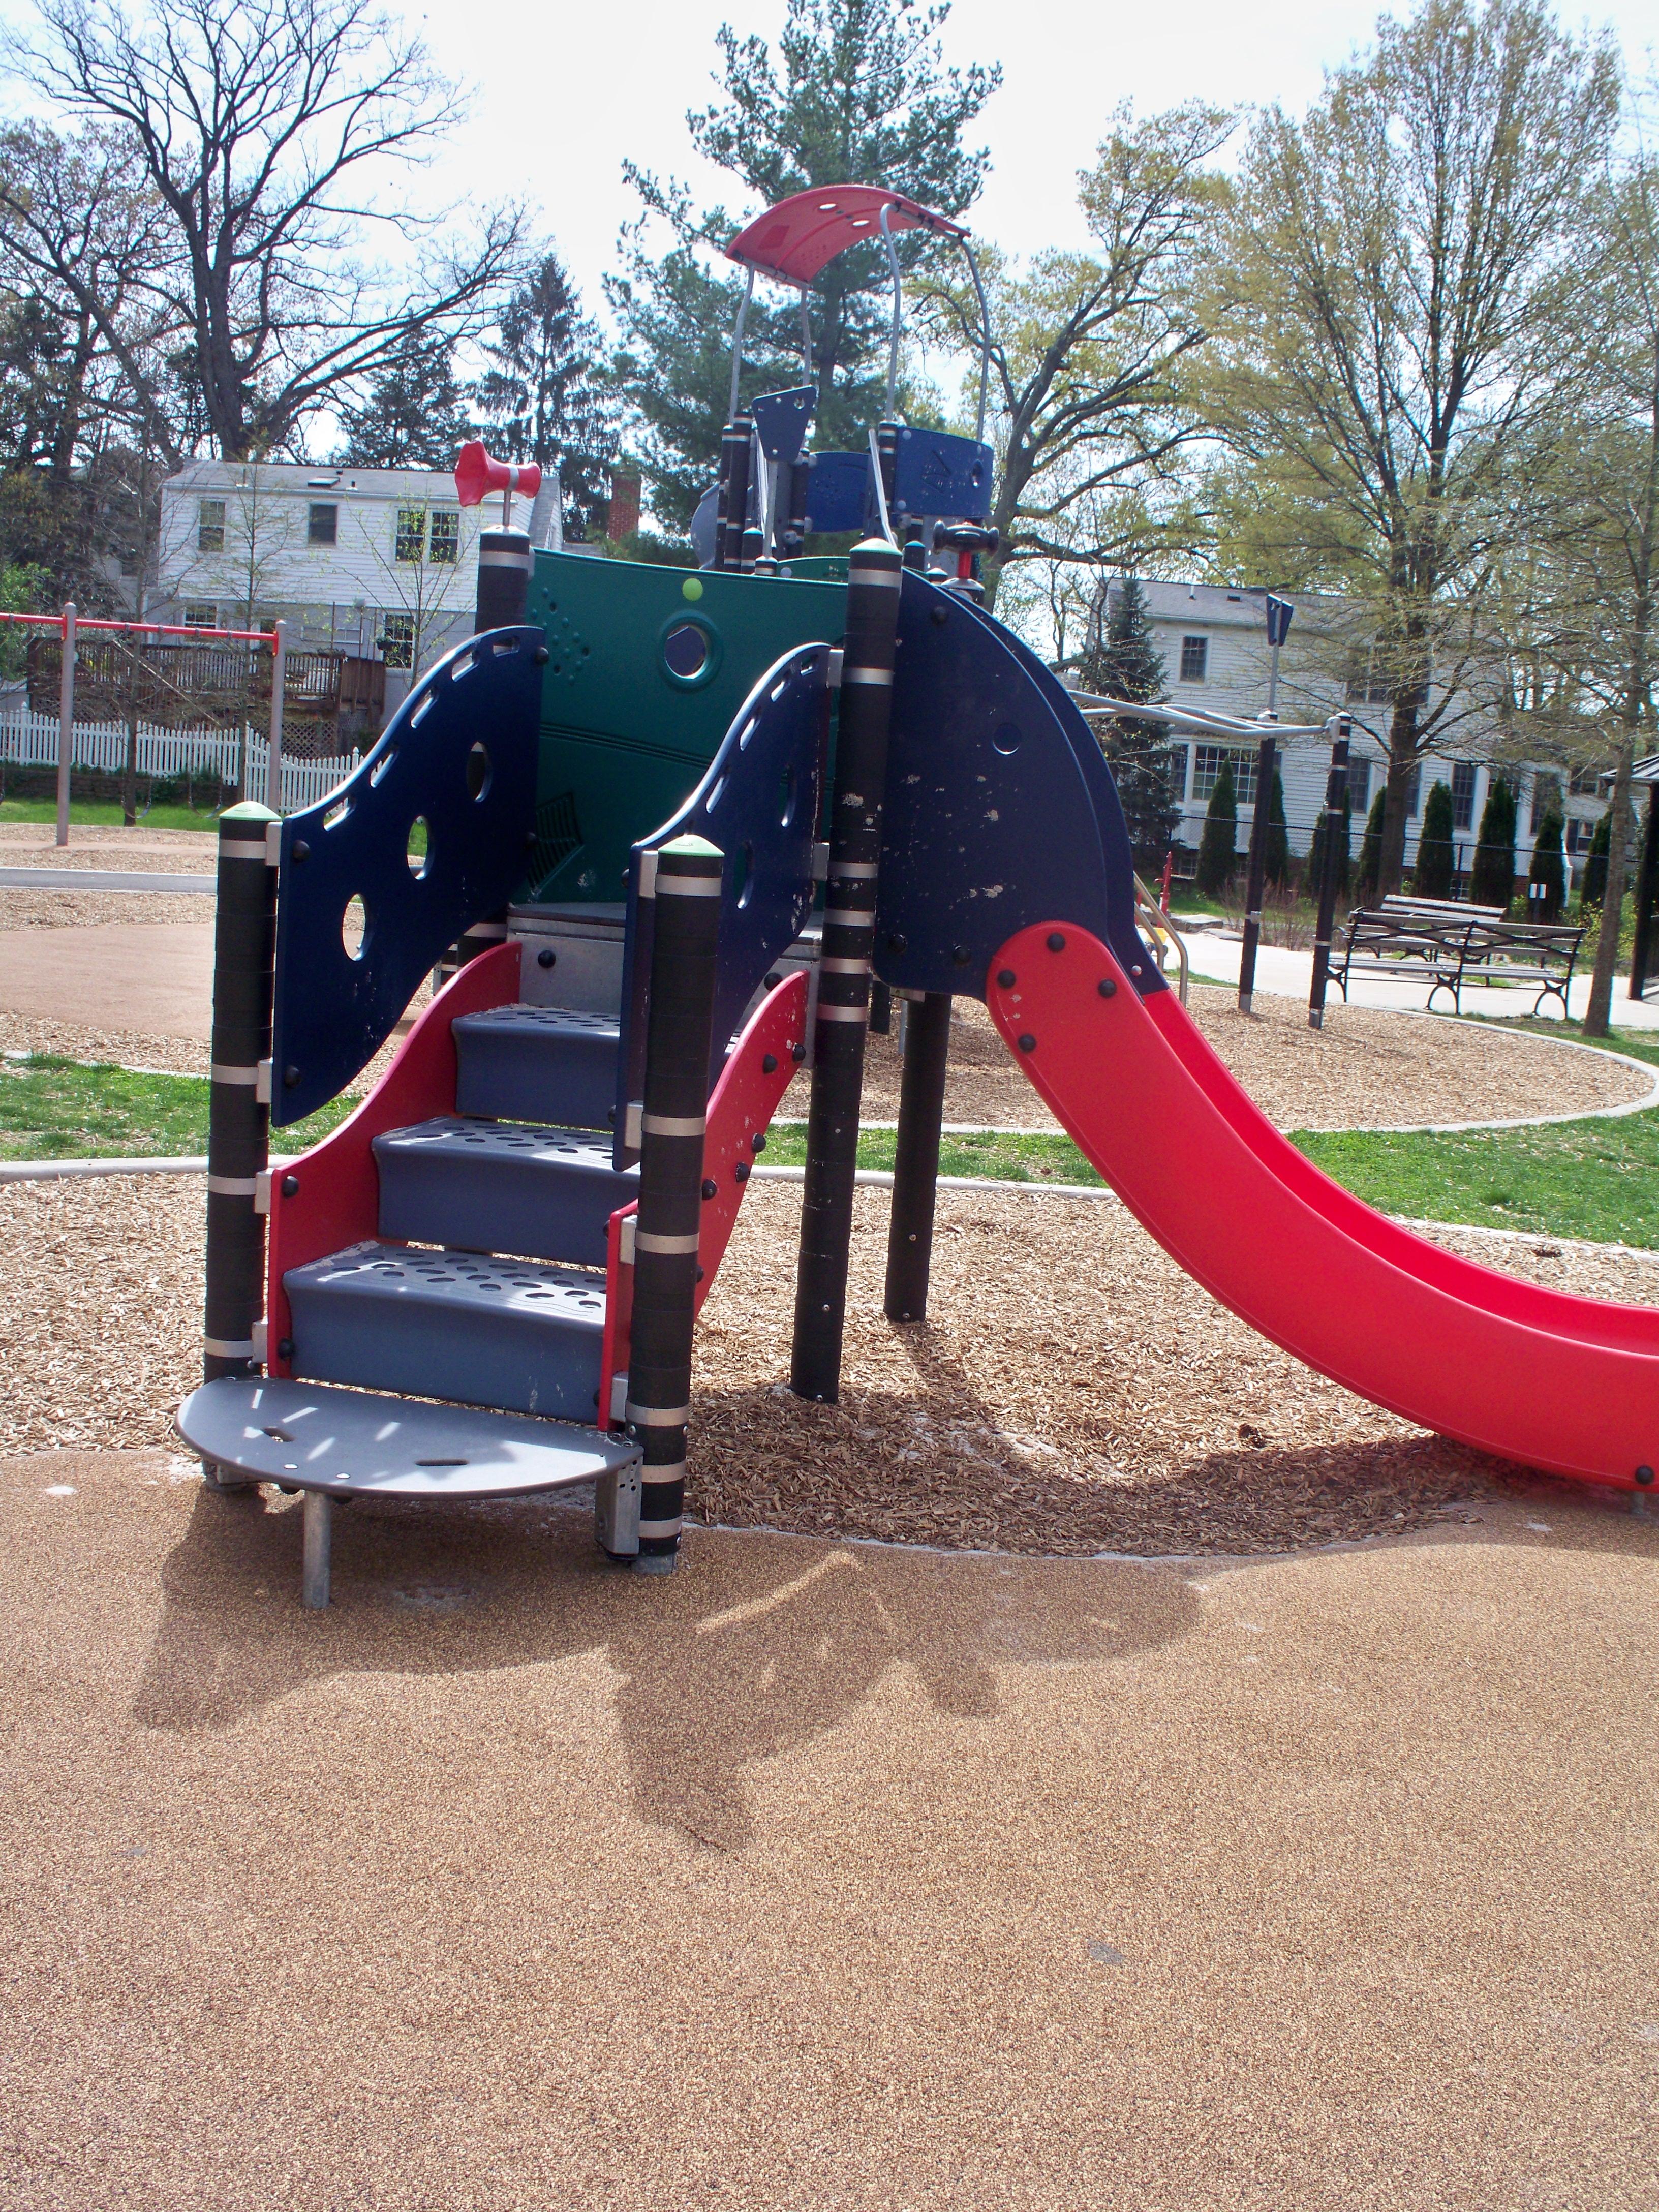 slides at Parkhurst Park